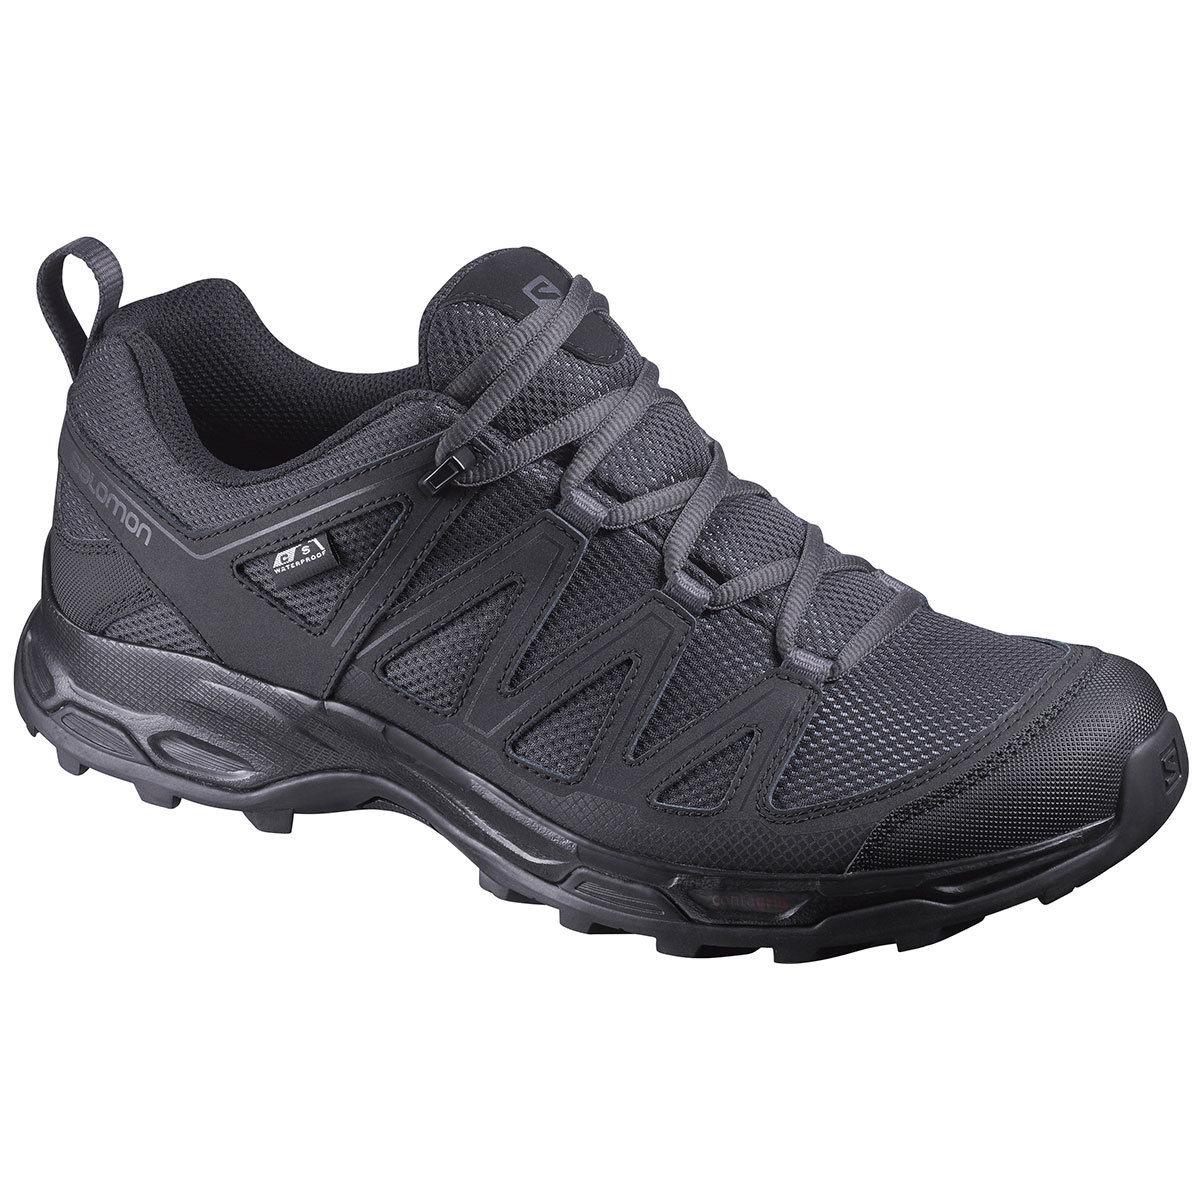 Salomon Men's Pathfinder Low Climashield Waterproof Hiking Shoes - Black, 10.5